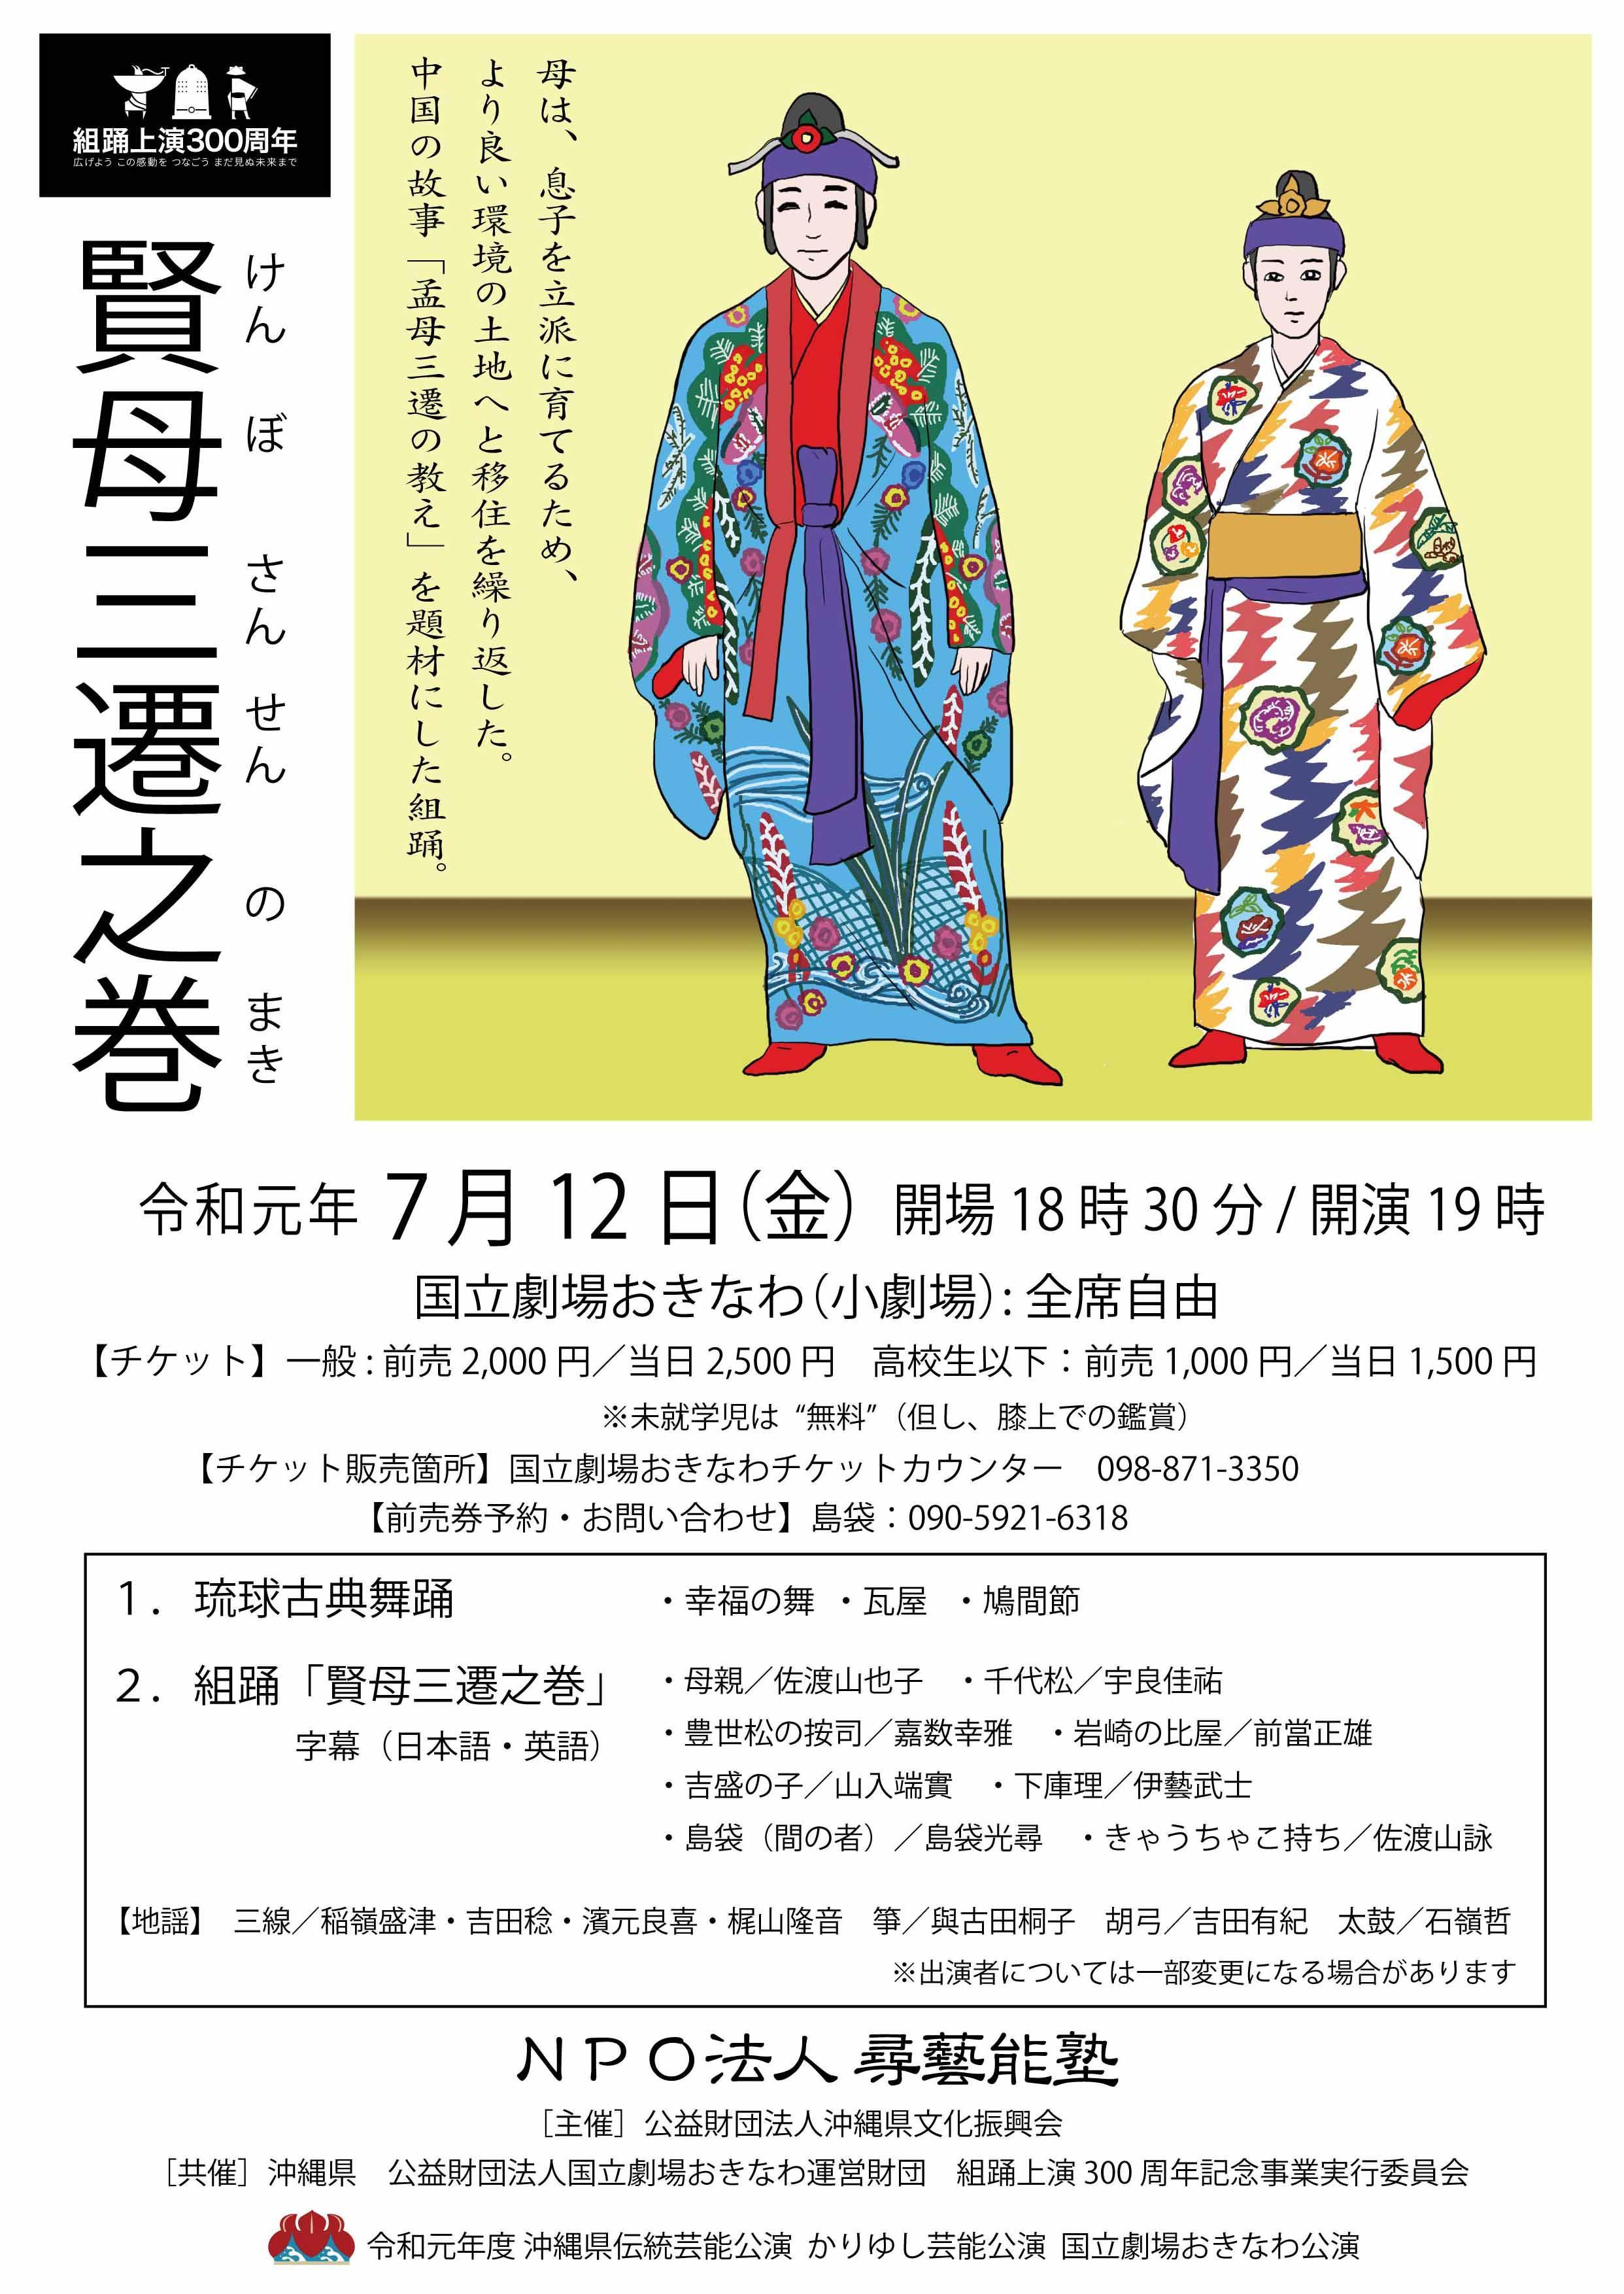 NPO法人尋藝能塾